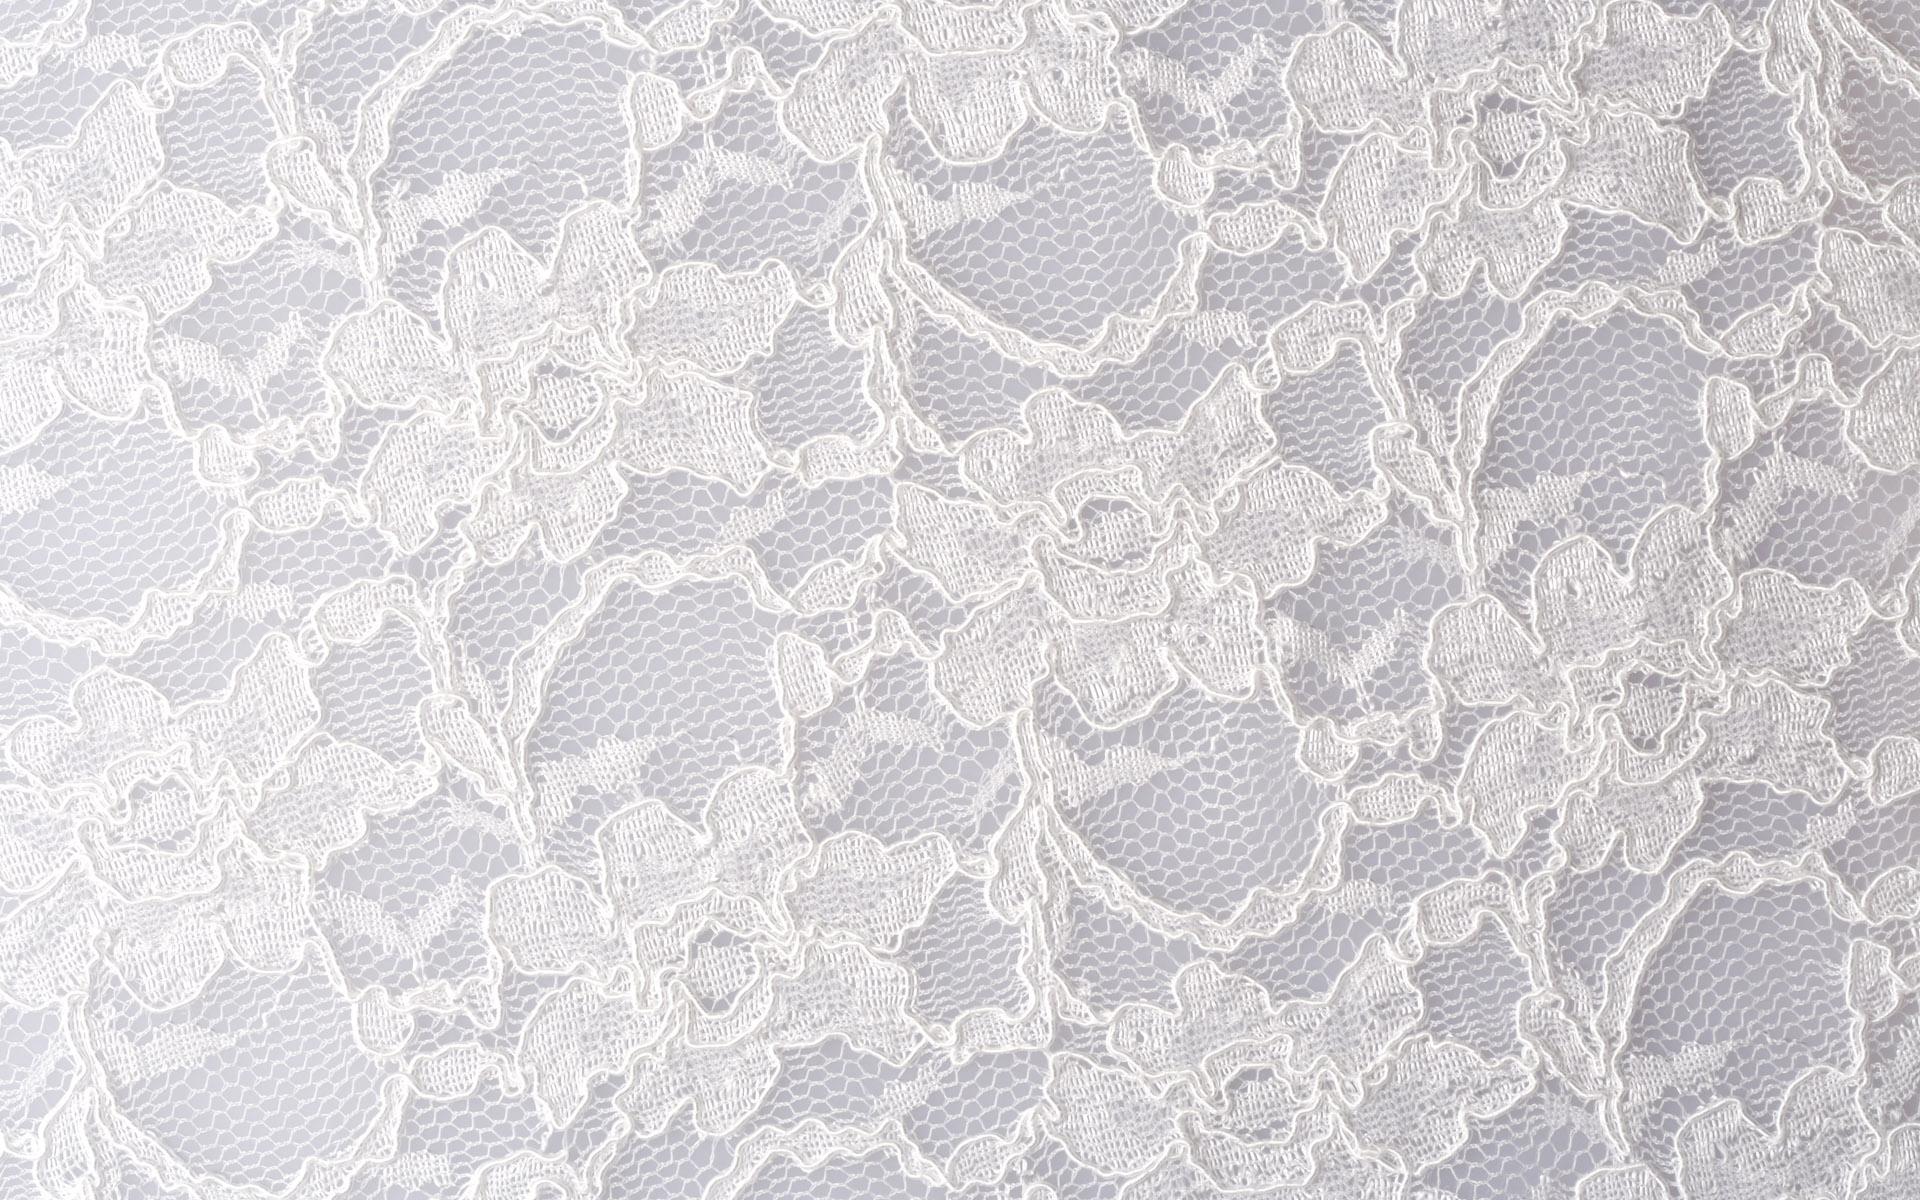 White Lace Backgrounds Tumblr wwwimgkidcom   The Image 1920x1200